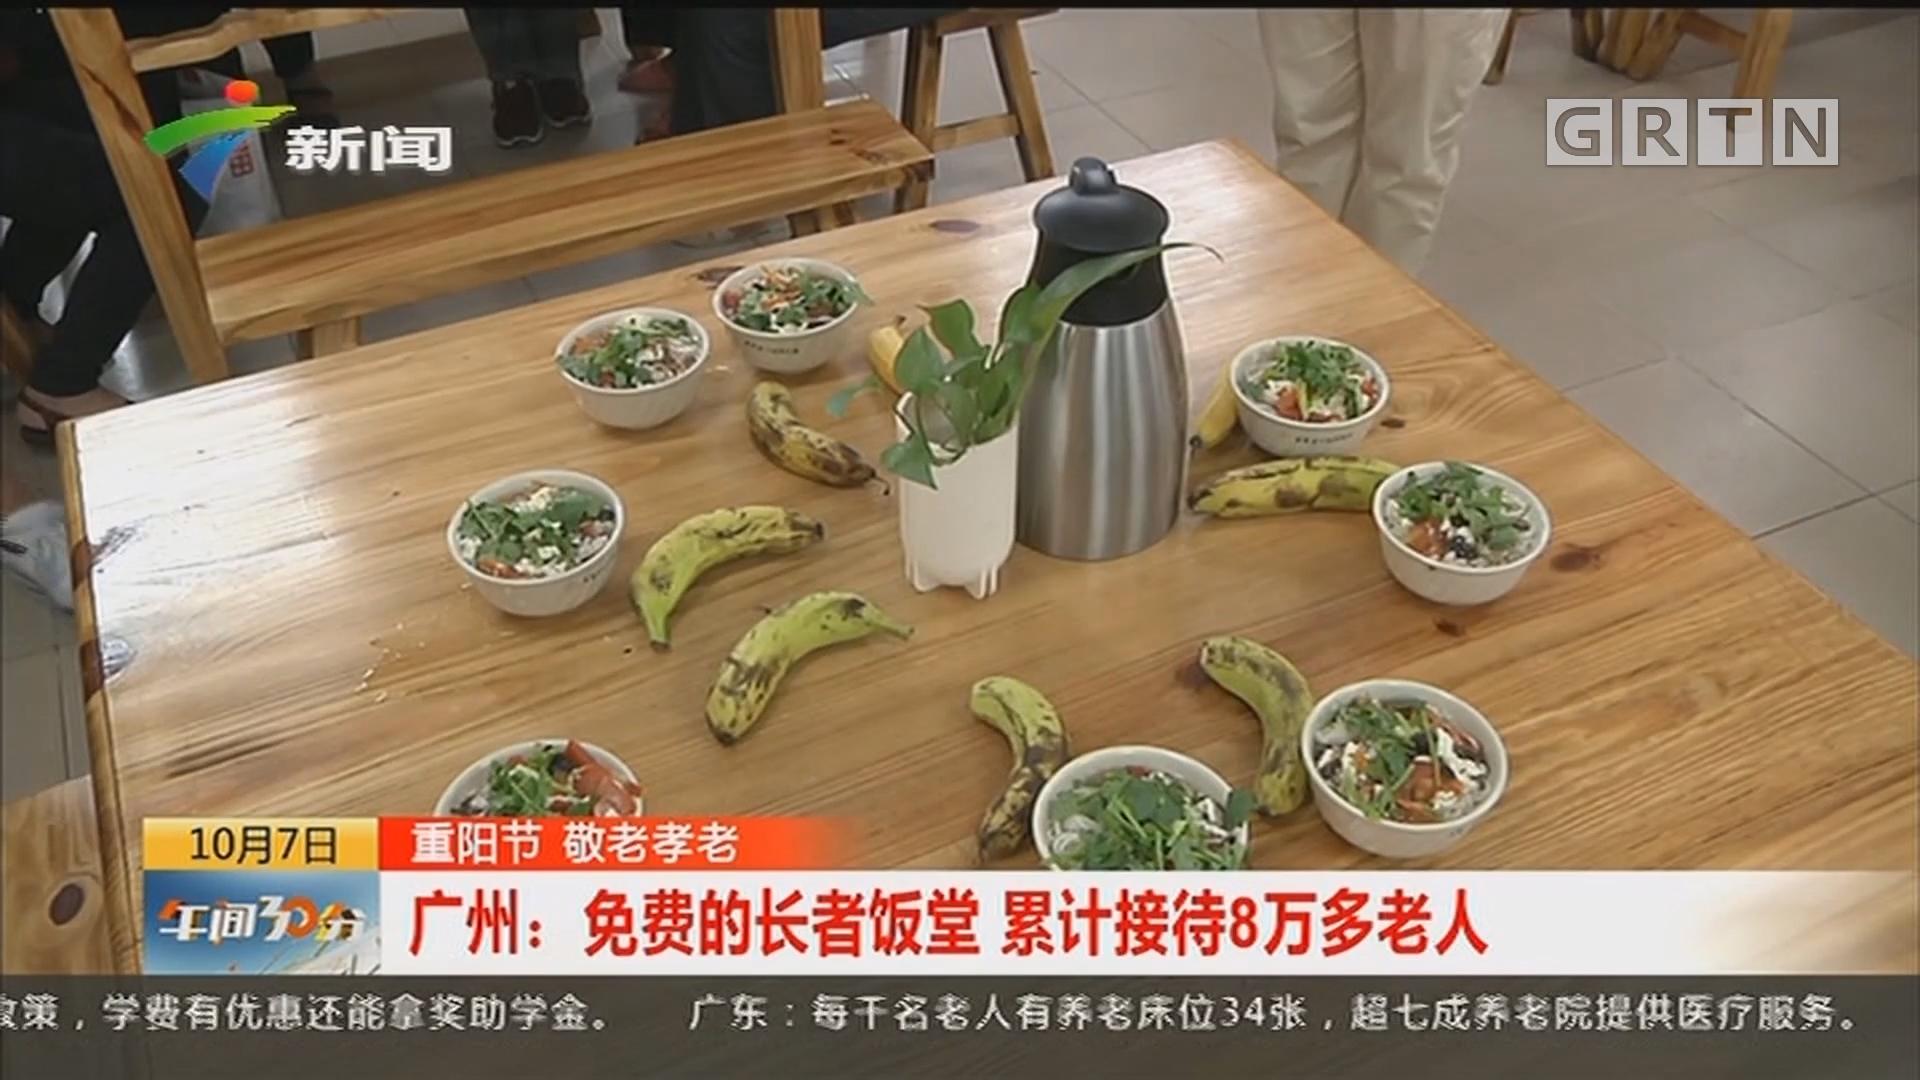 重阳节 敬老孝老 广州:免费的长者饭堂 累计接待8万多老人